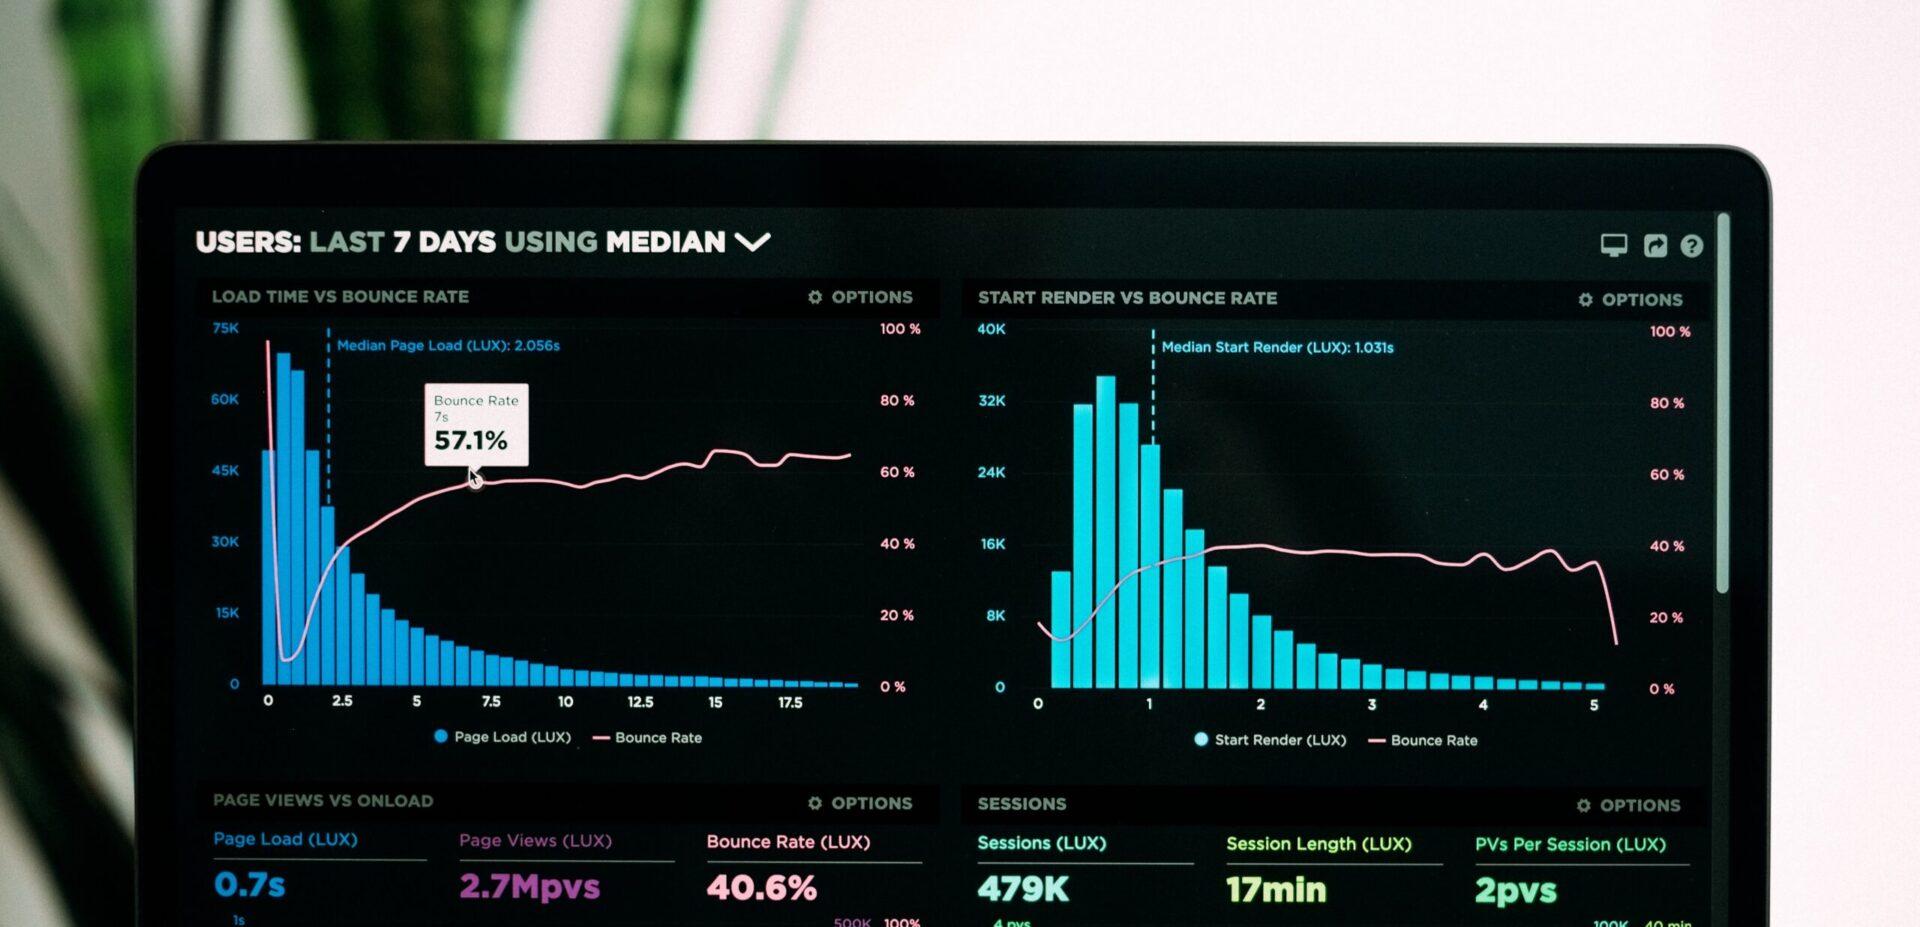 Daten auf einem Bildschirm